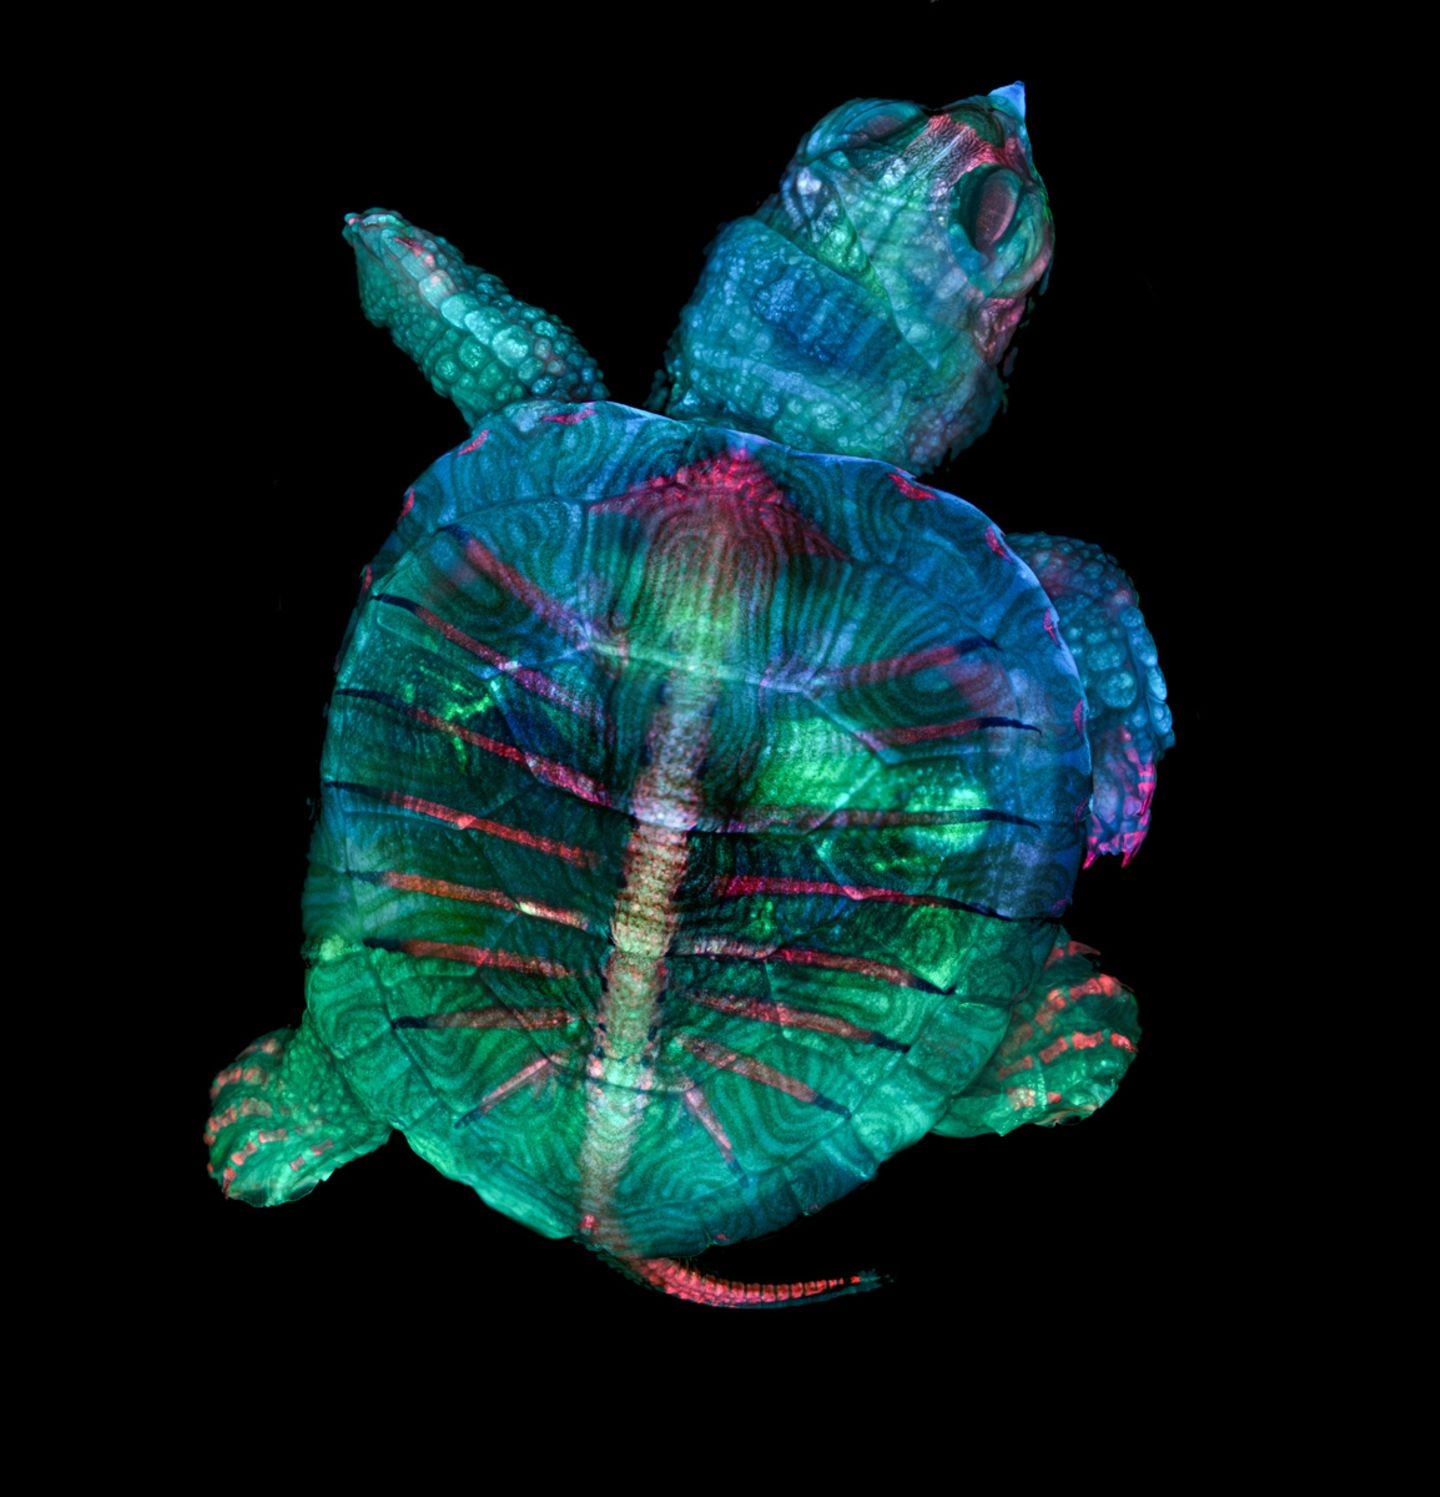 Fluoreszierender Schildkrötenembryo